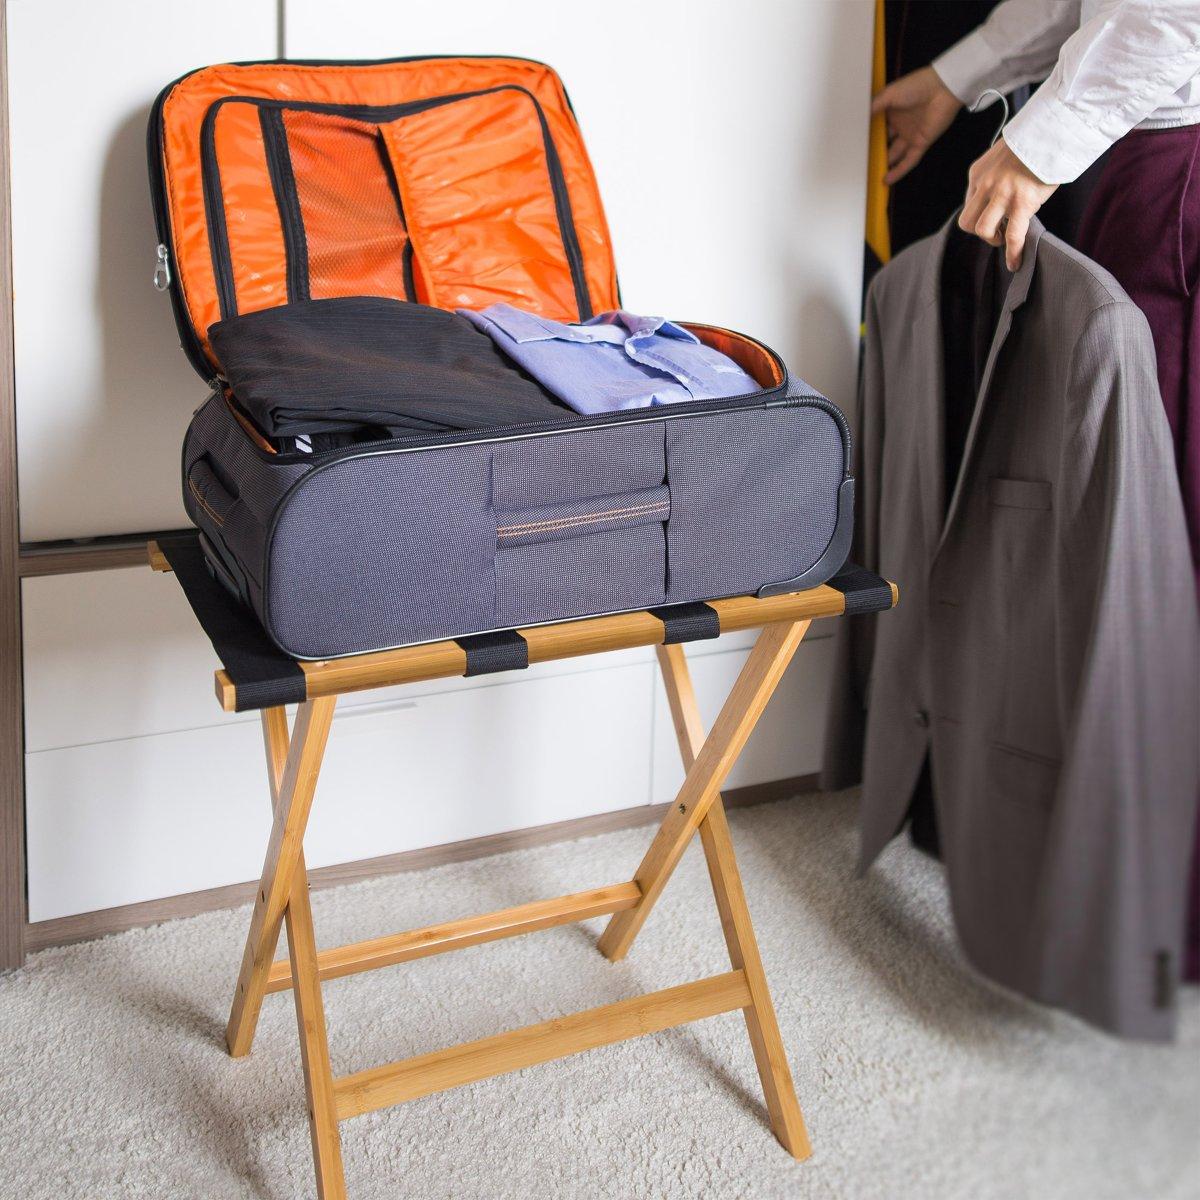 fae04800b2f bol.com | relaxdays kofferrek van bamboe, bagagerek inklapbaar,  kofferstandaard hout bruin